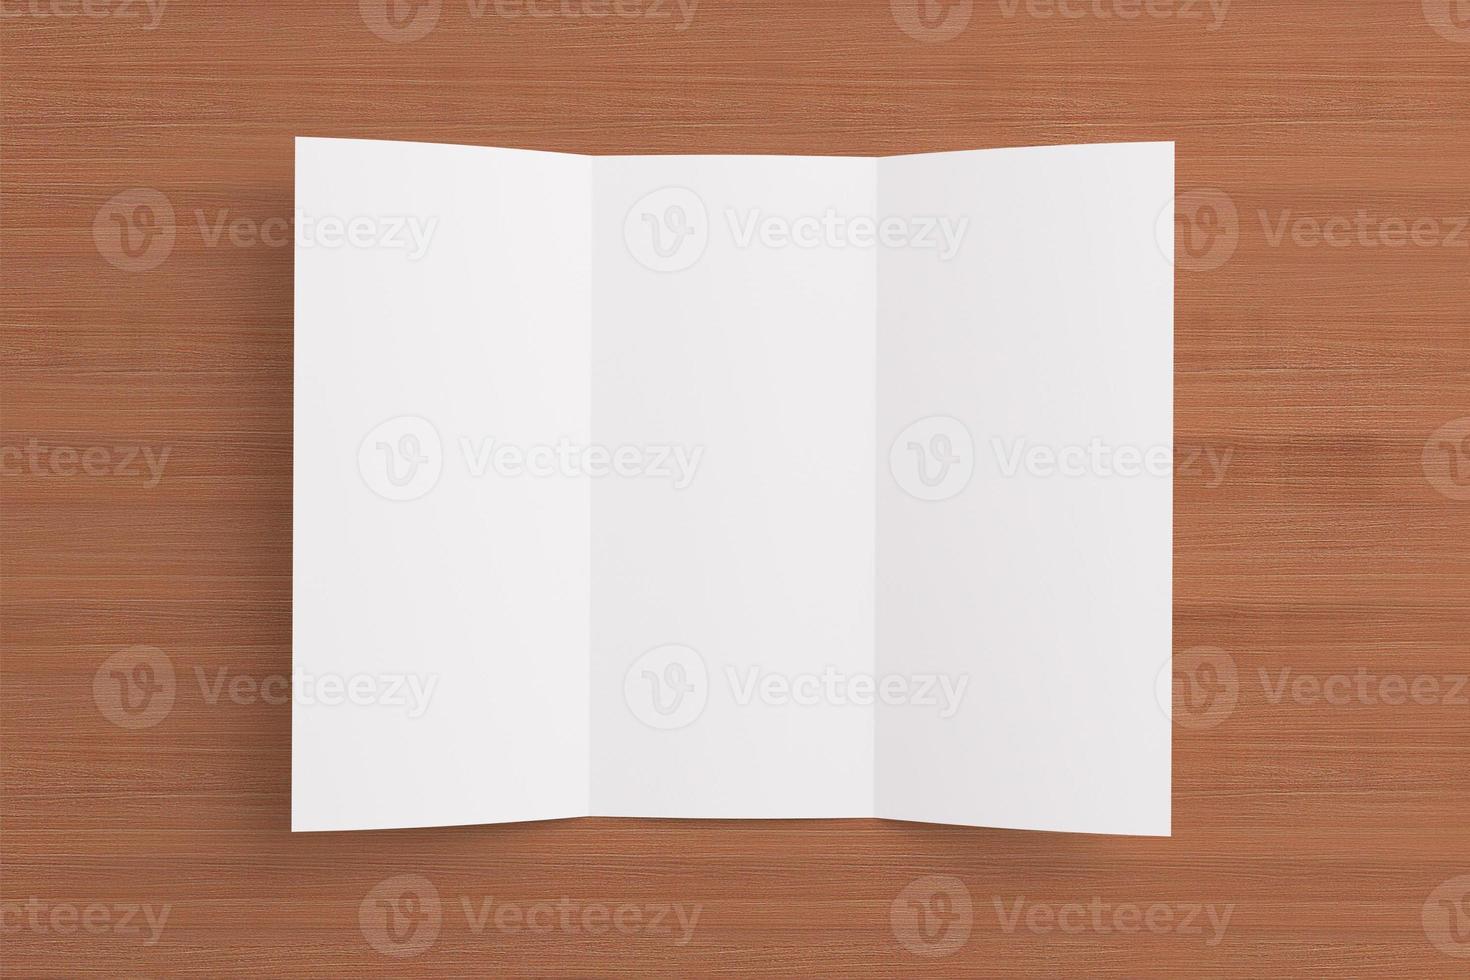 folheto dobrável em três partes em branco sobre fundo de madeira foto